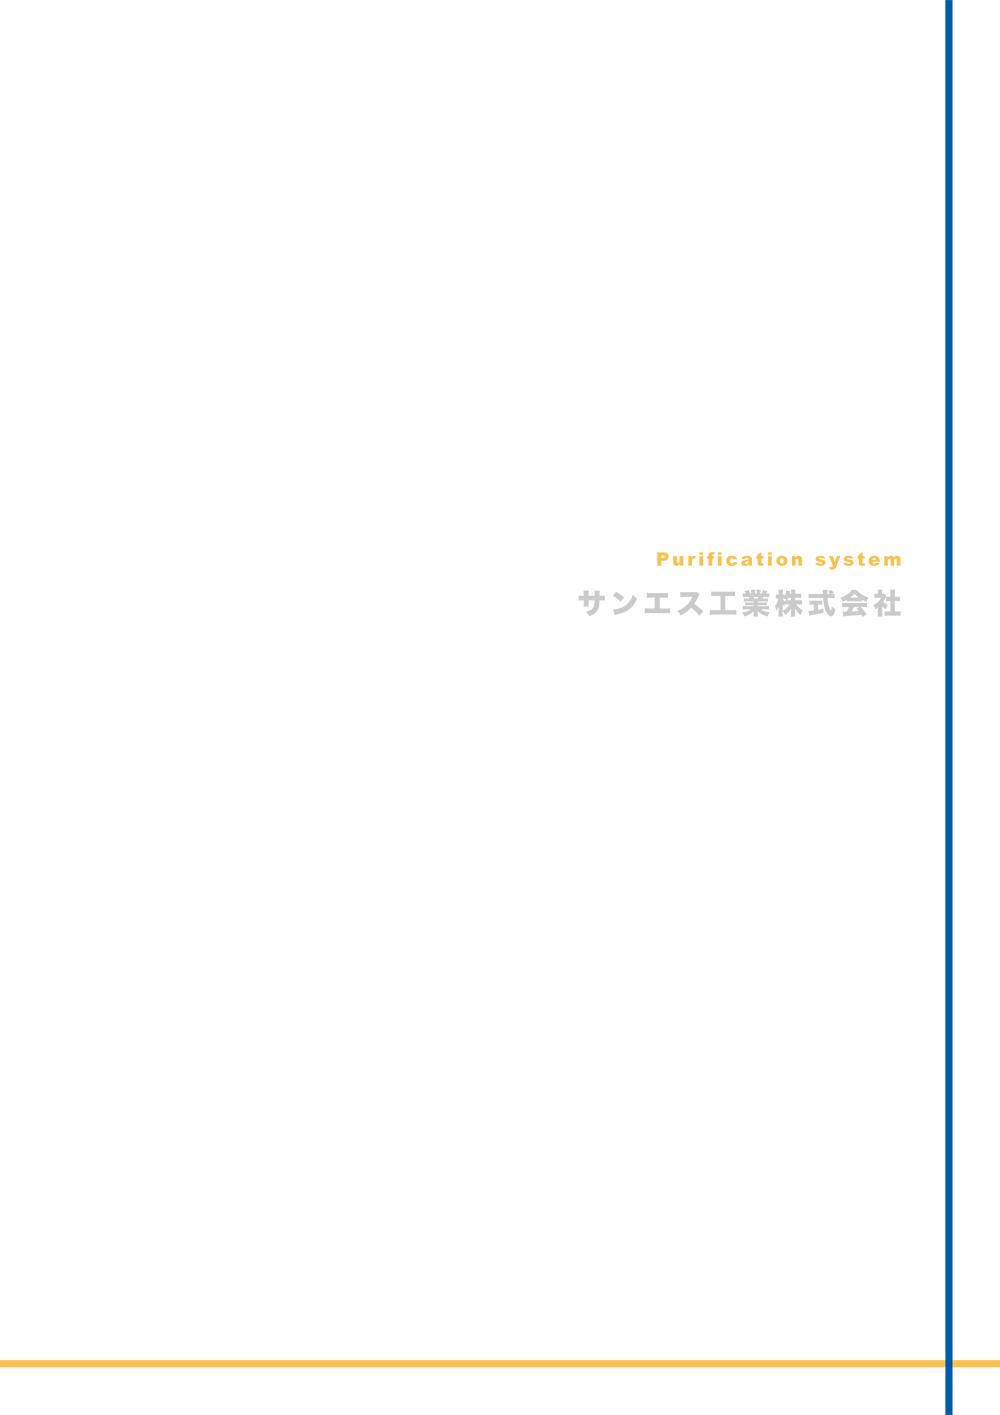 総合カタログ201606-第2版